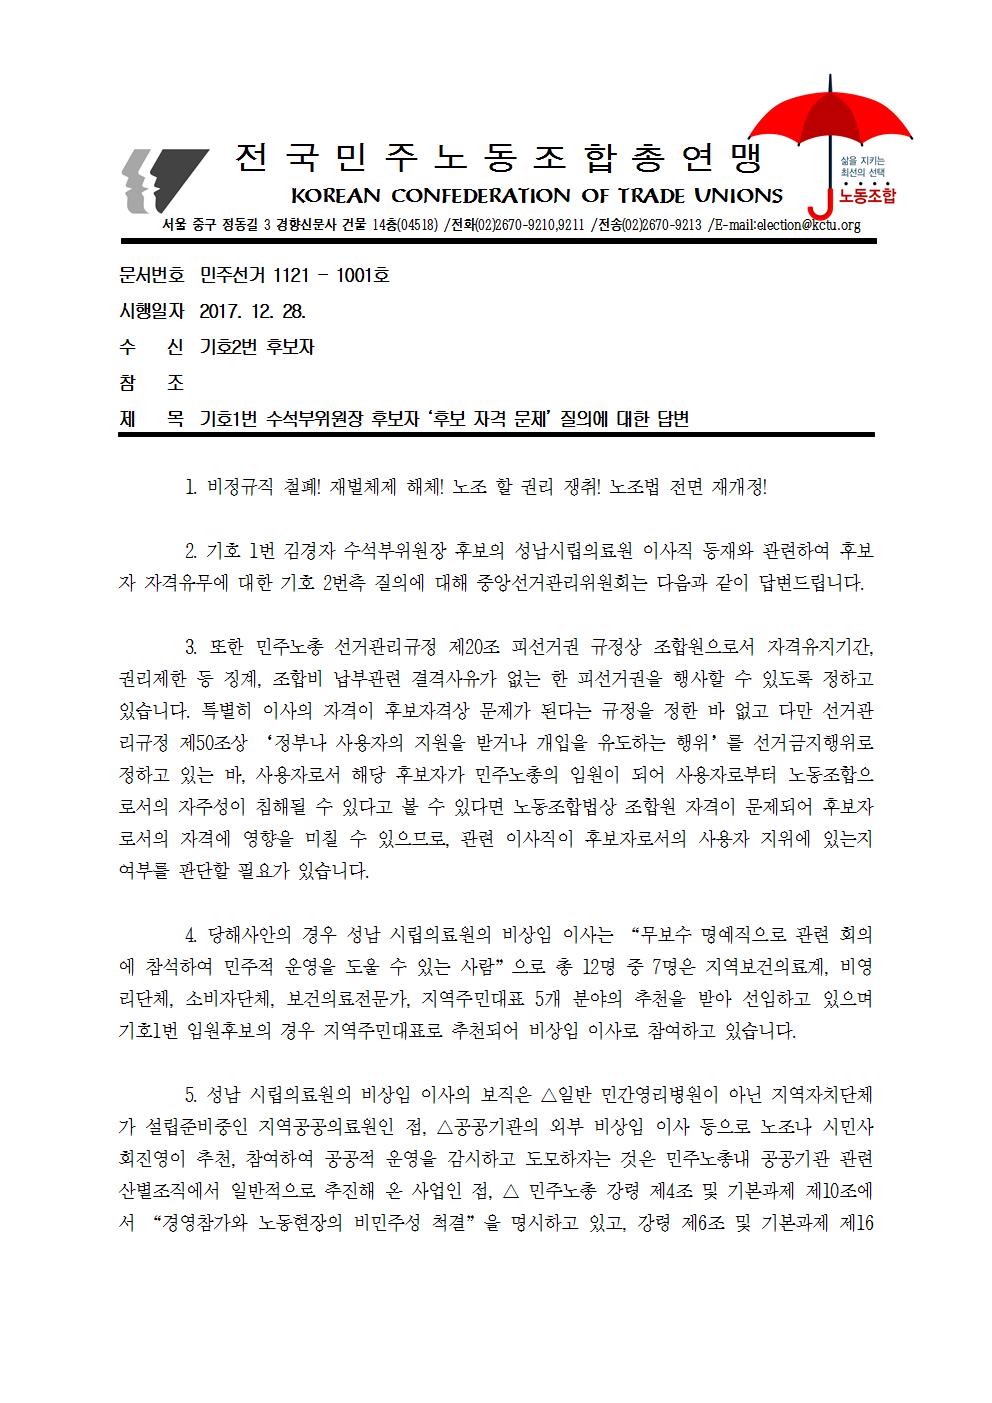 17kctu1001_기호1번 수석부위원장 후보자 '후보 자격 문제' 질의에 대한 답변001.png